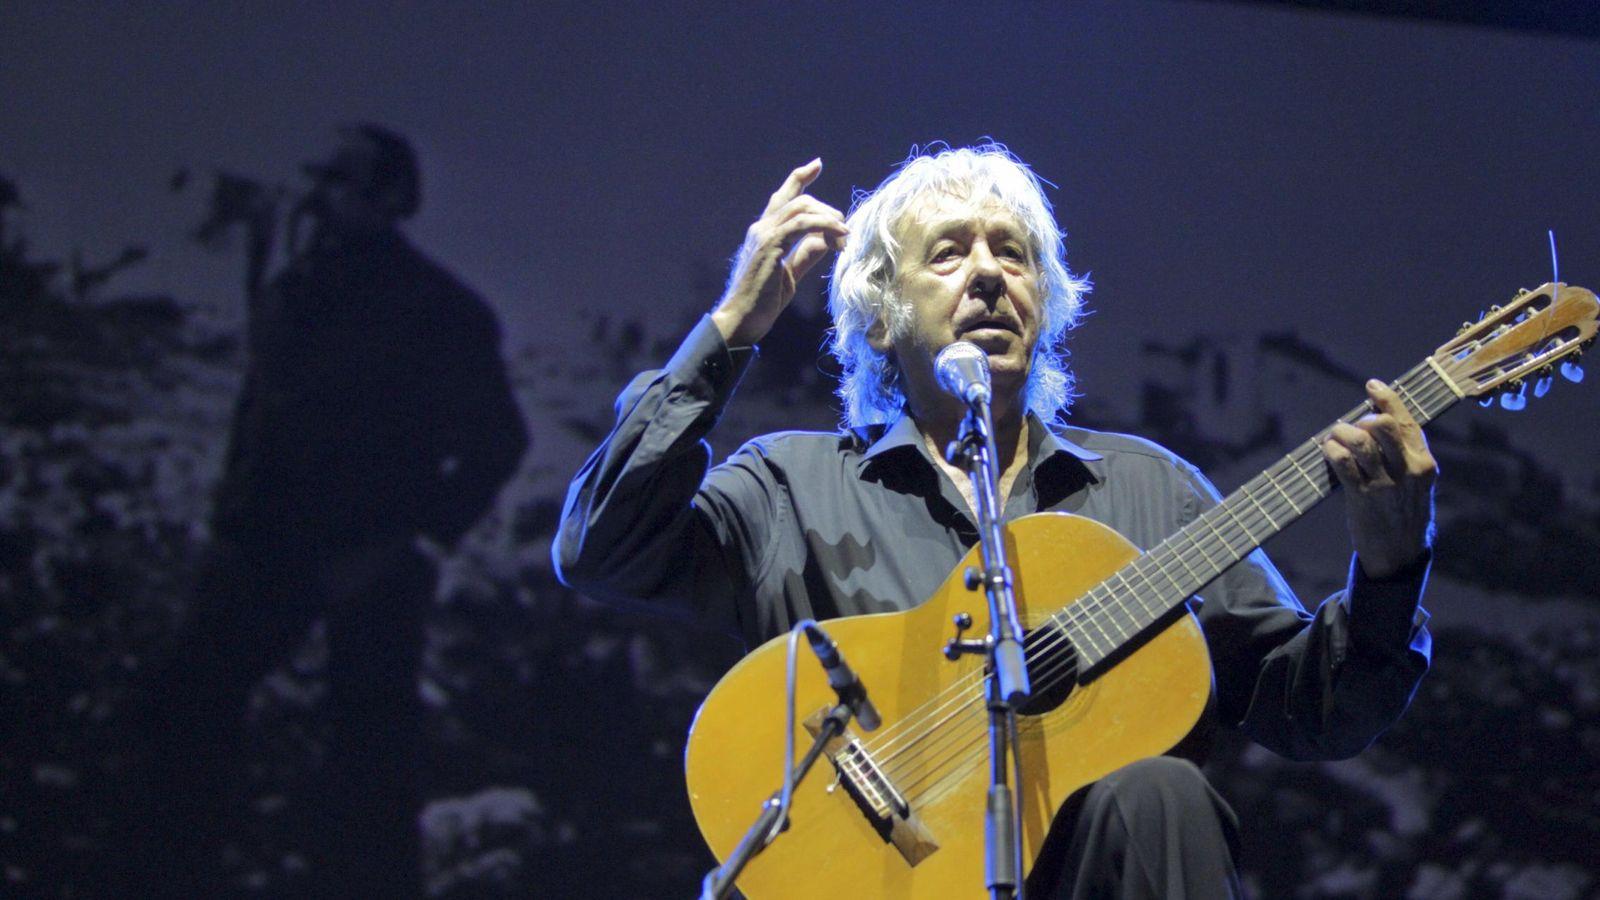 Foto: El músico Paco Ibañez durante el concierto 'Aragón sigue, Labordeta vive'. EFE/Javier Cebollada